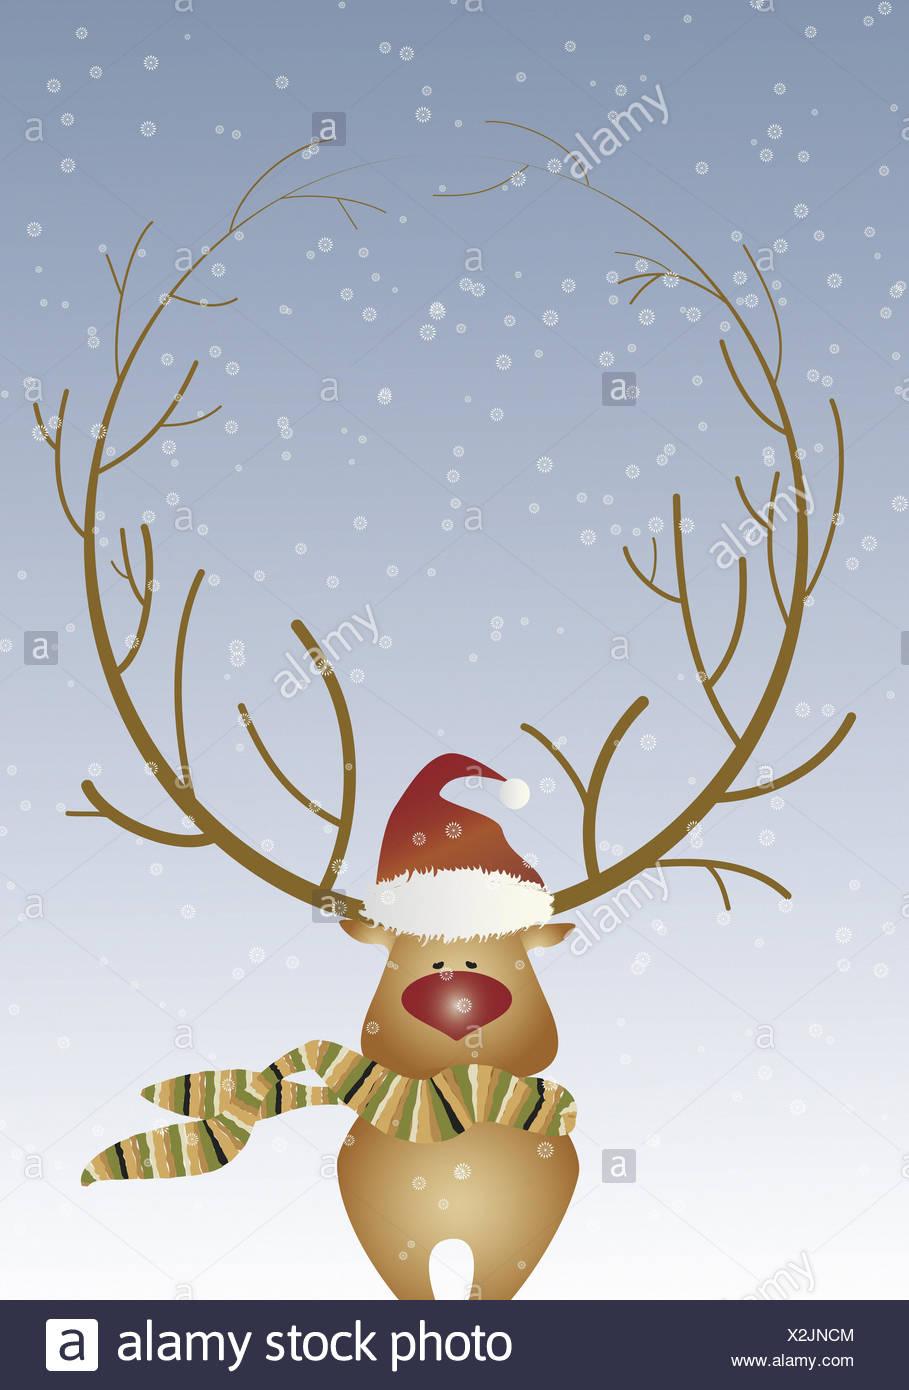 reindeer illustration photos reindeer illustration. Black Bedroom Furniture Sets. Home Design Ideas